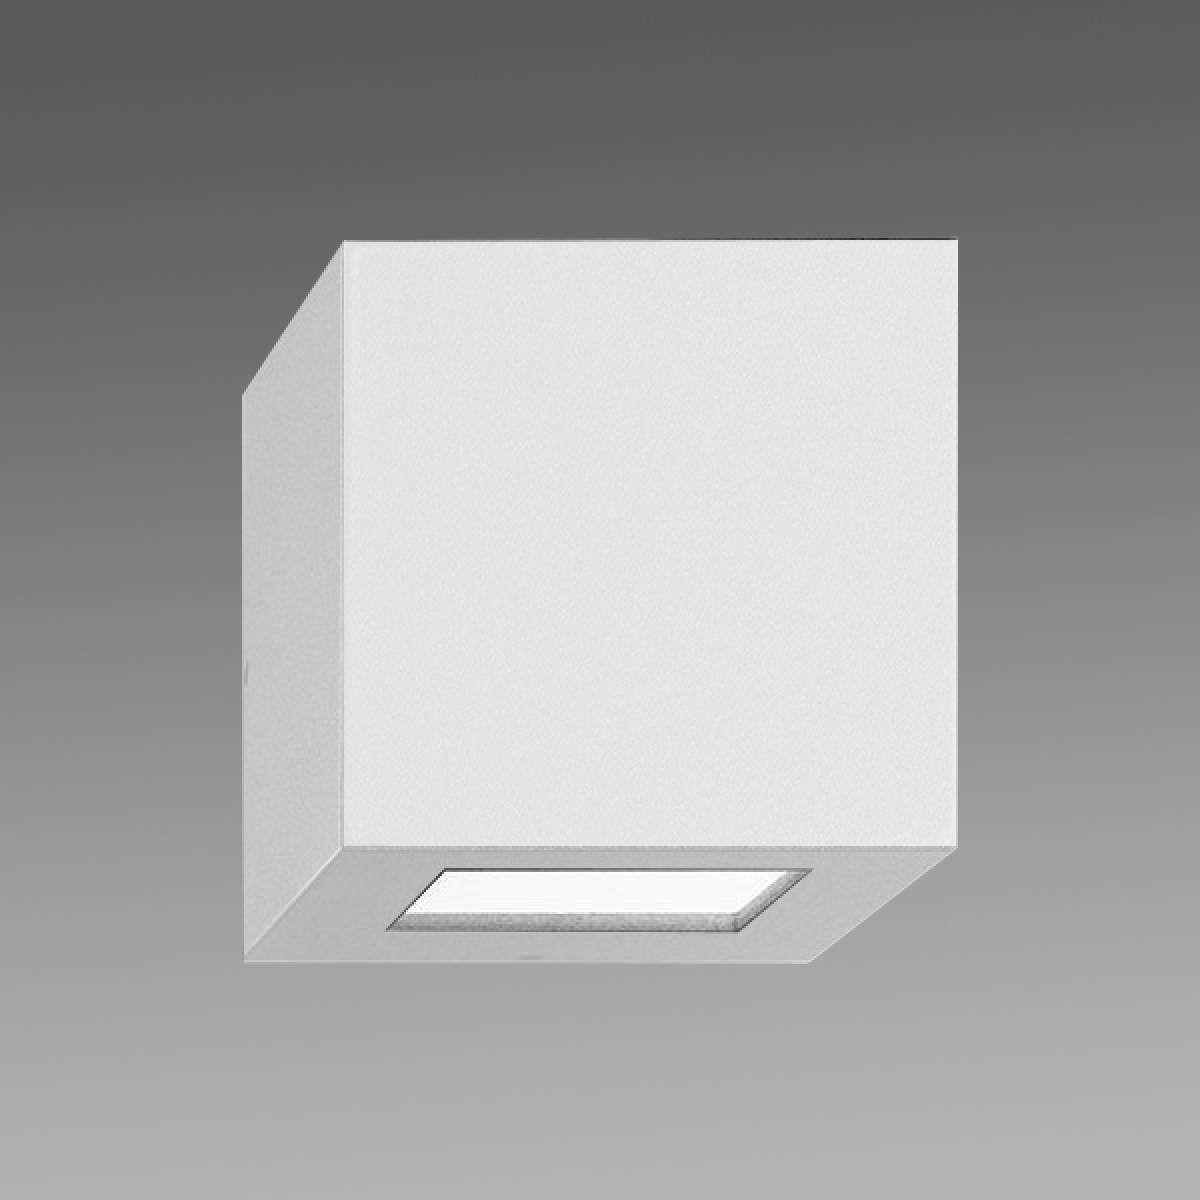 Wandleuchte Deckenleuchte Deckenlampe Außenleuchte Bewegungsmelder